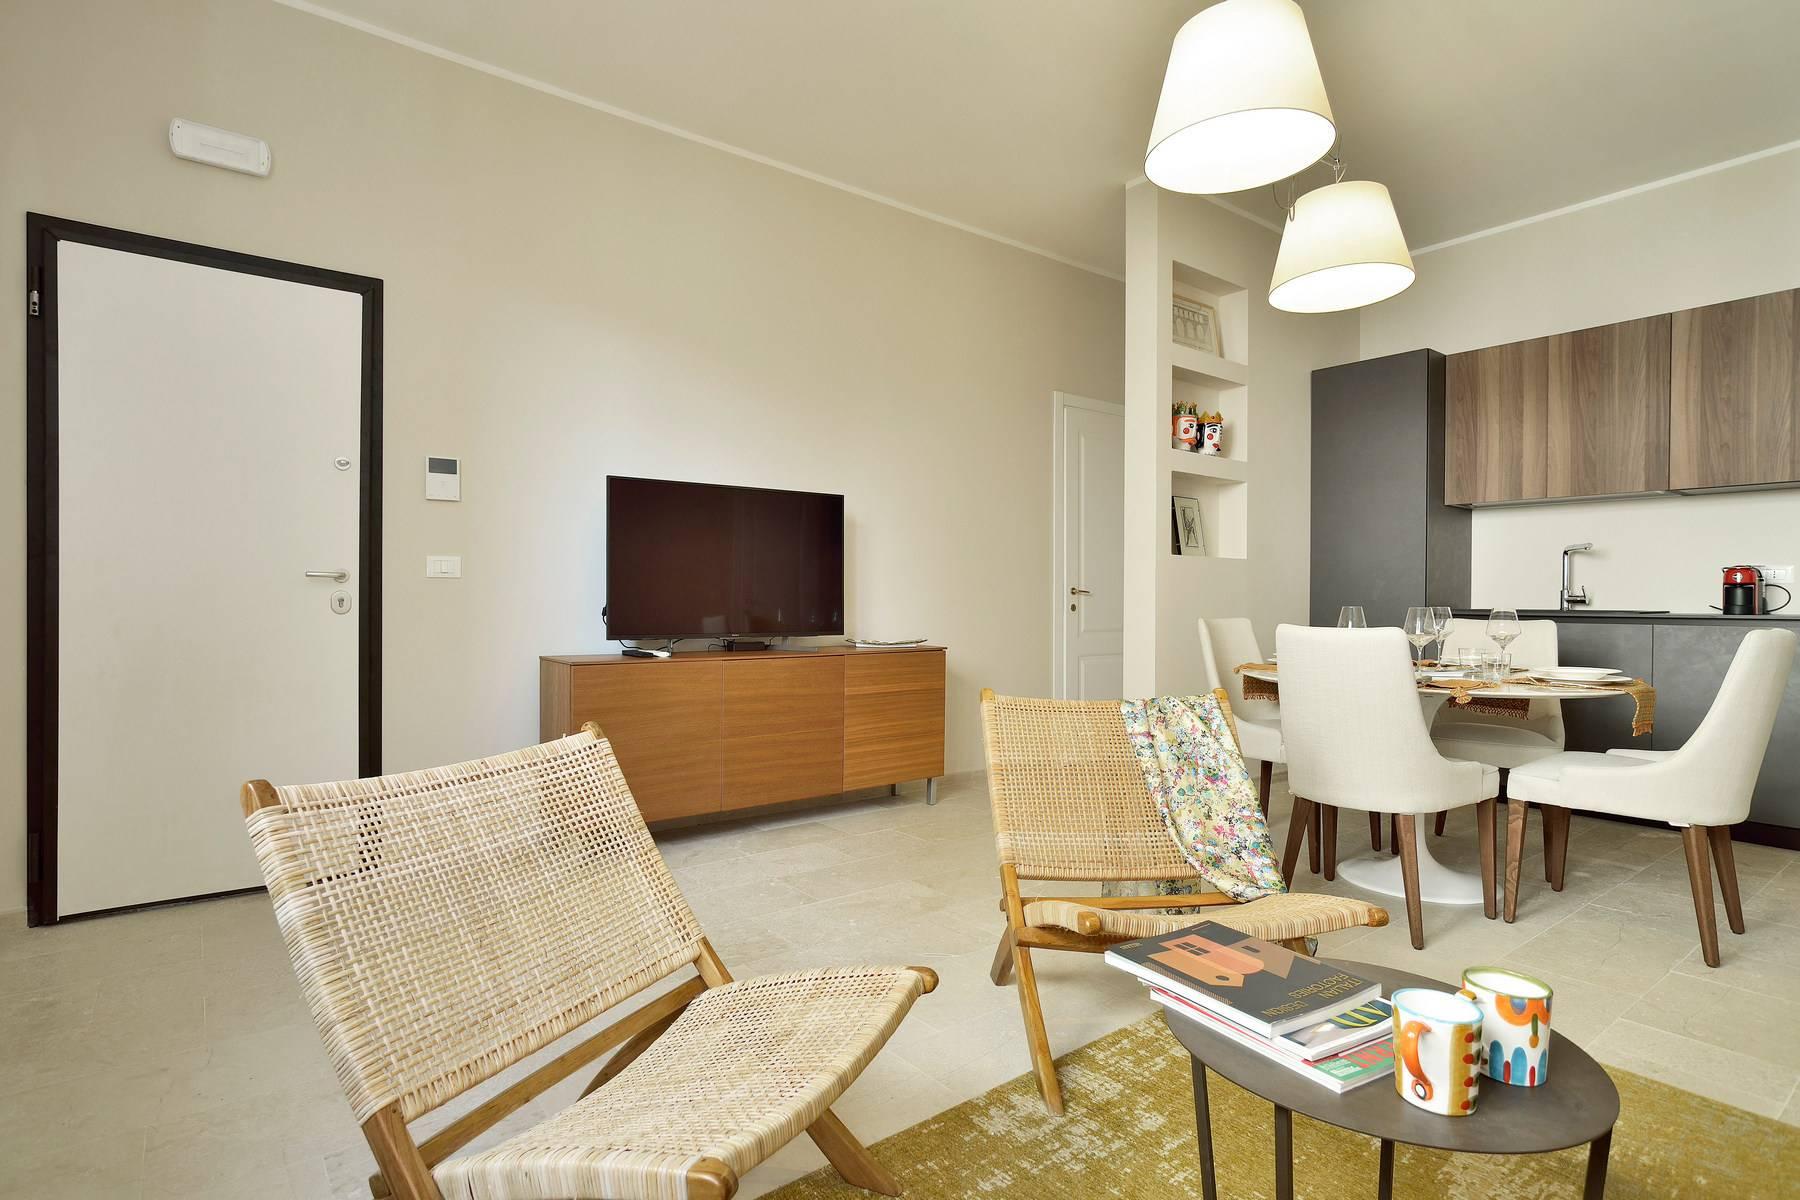 Appartamento in Vendita a Noto: 3 locali, 73 mq - Foto 9